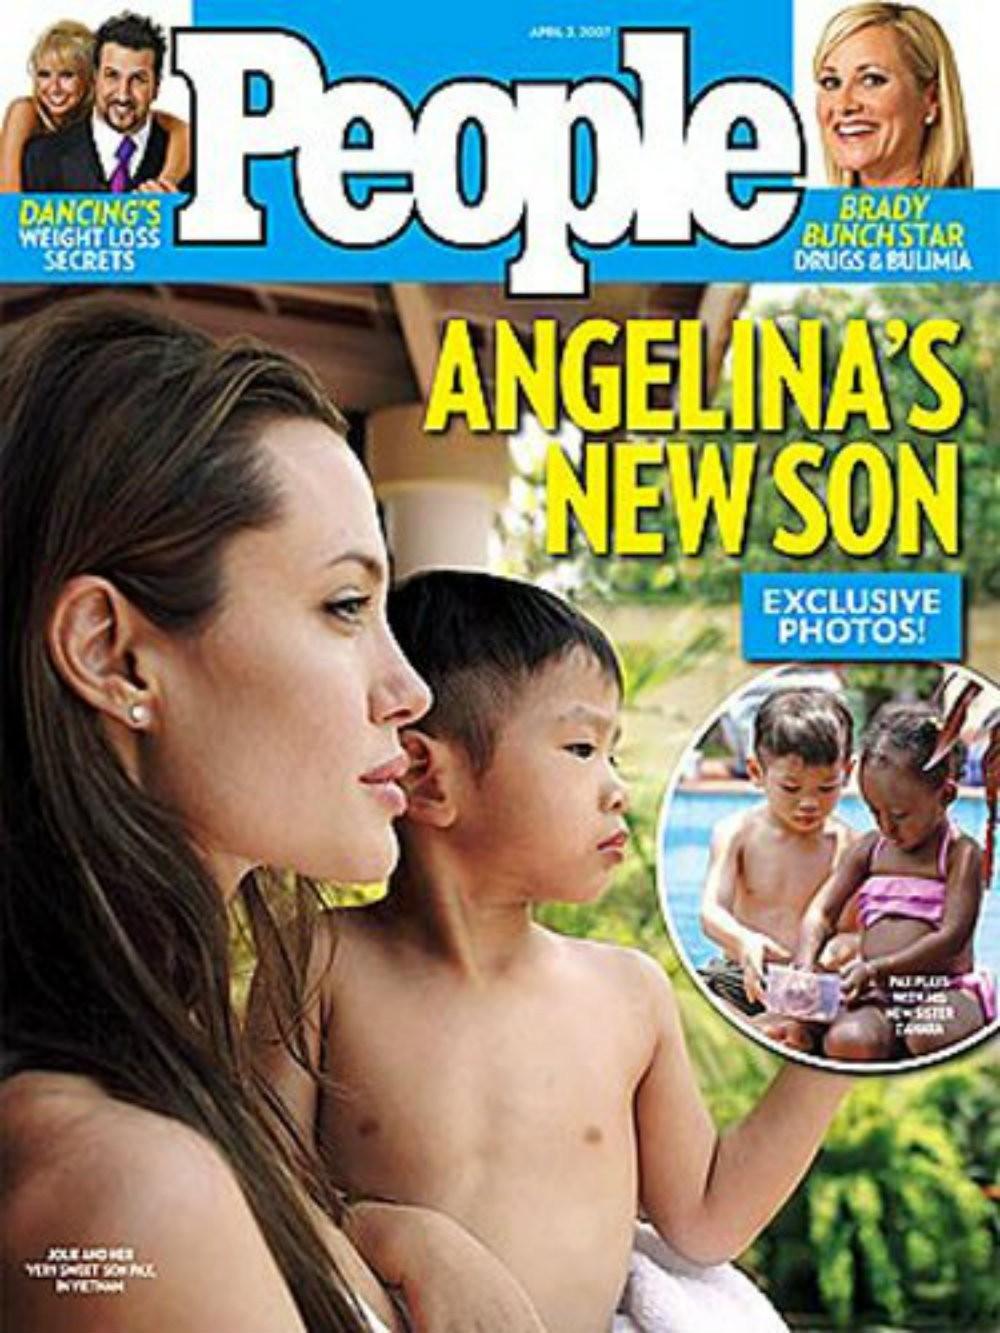 Angelina Jolie e o filho Pax Thien Jolie-Pitt na capa da revista People (Foto: Reprodução)